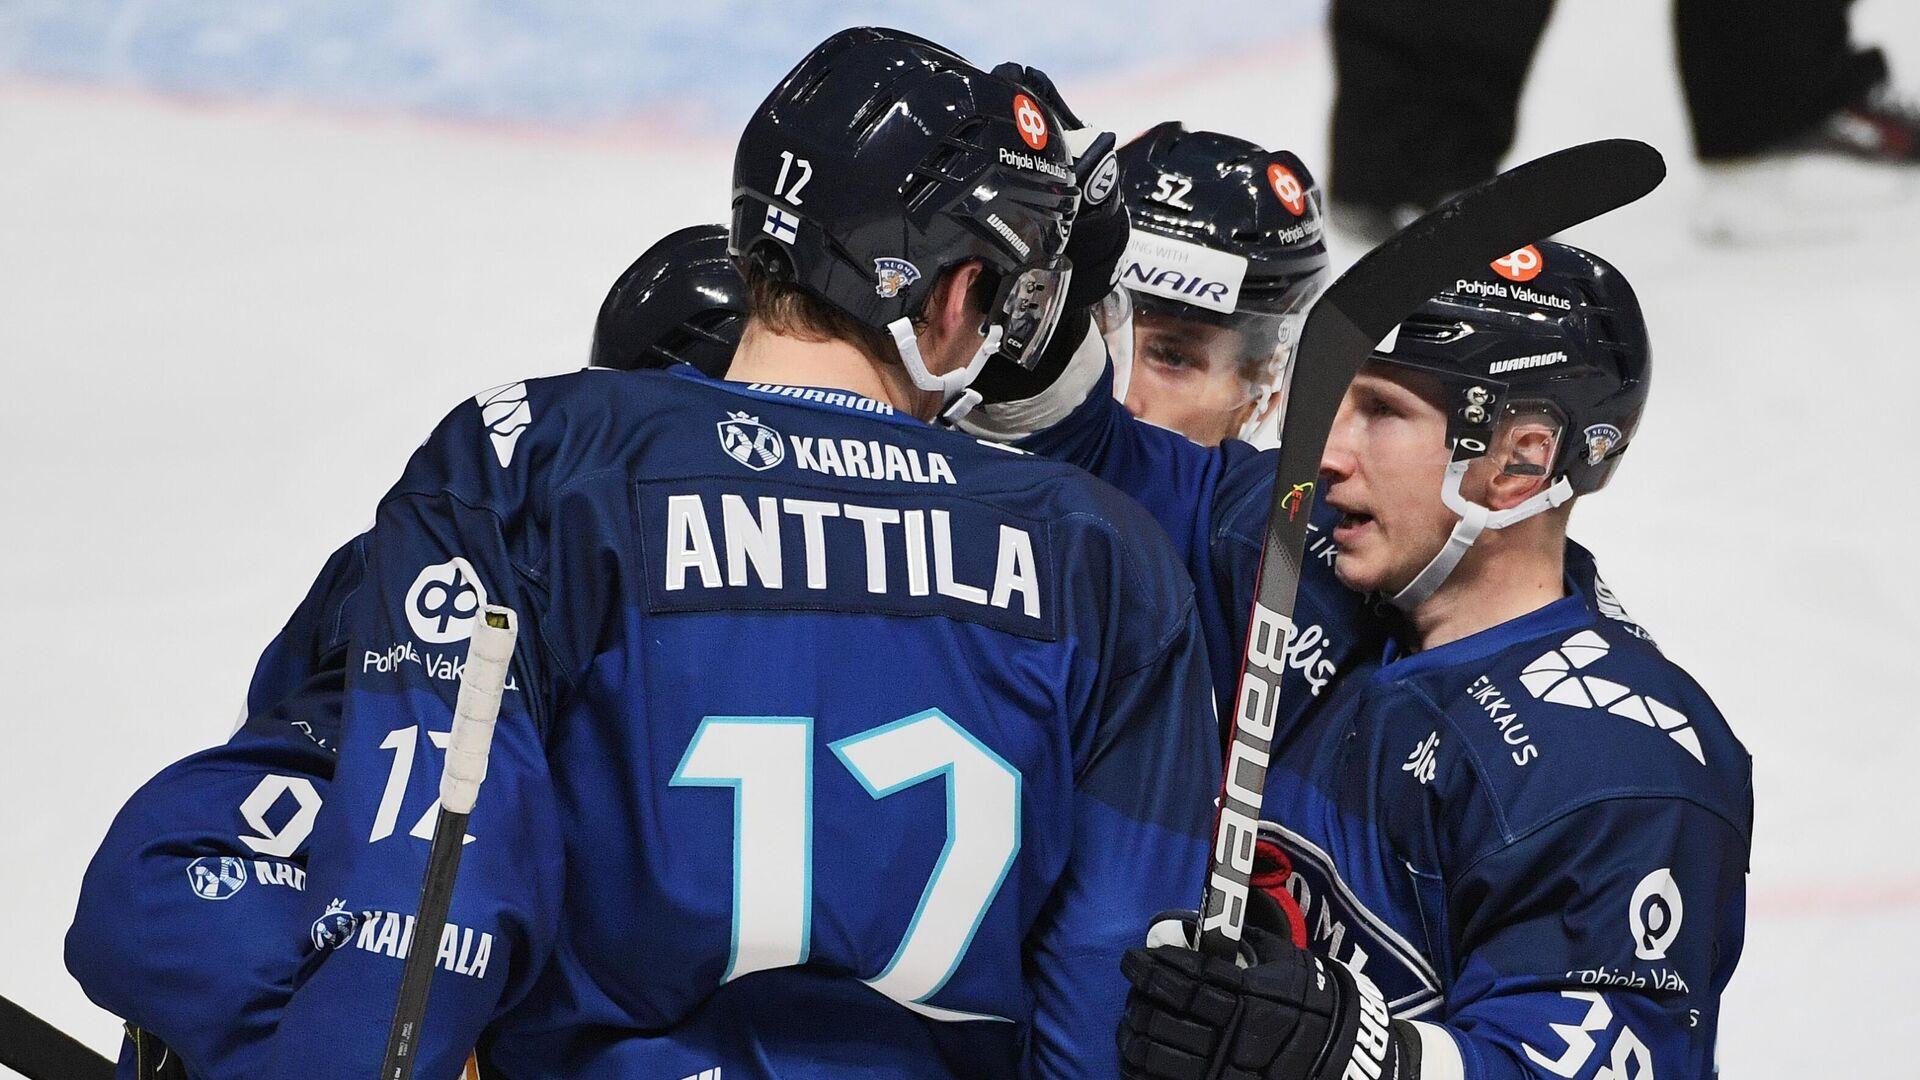 Хоккеисты сборной Финляндии - РИА Новости, 1920, 15.05.2021